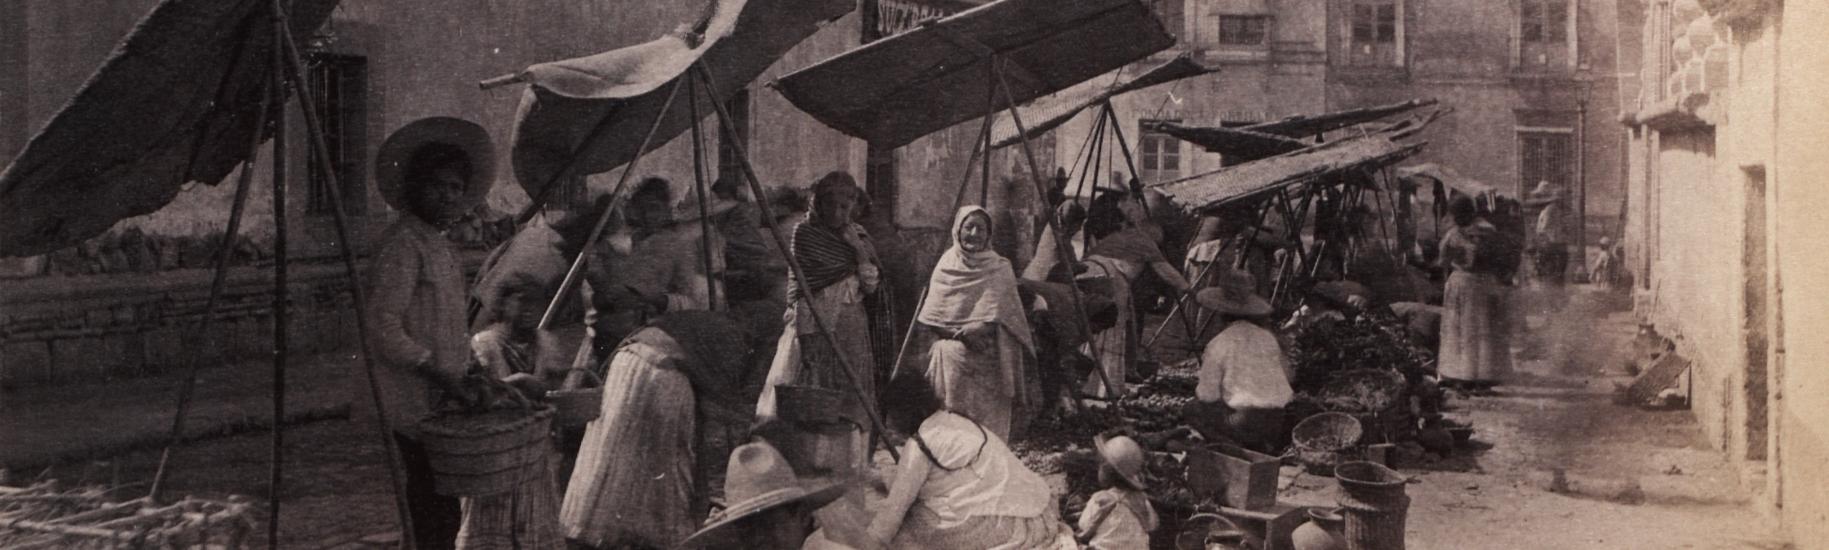 Mexico City street market